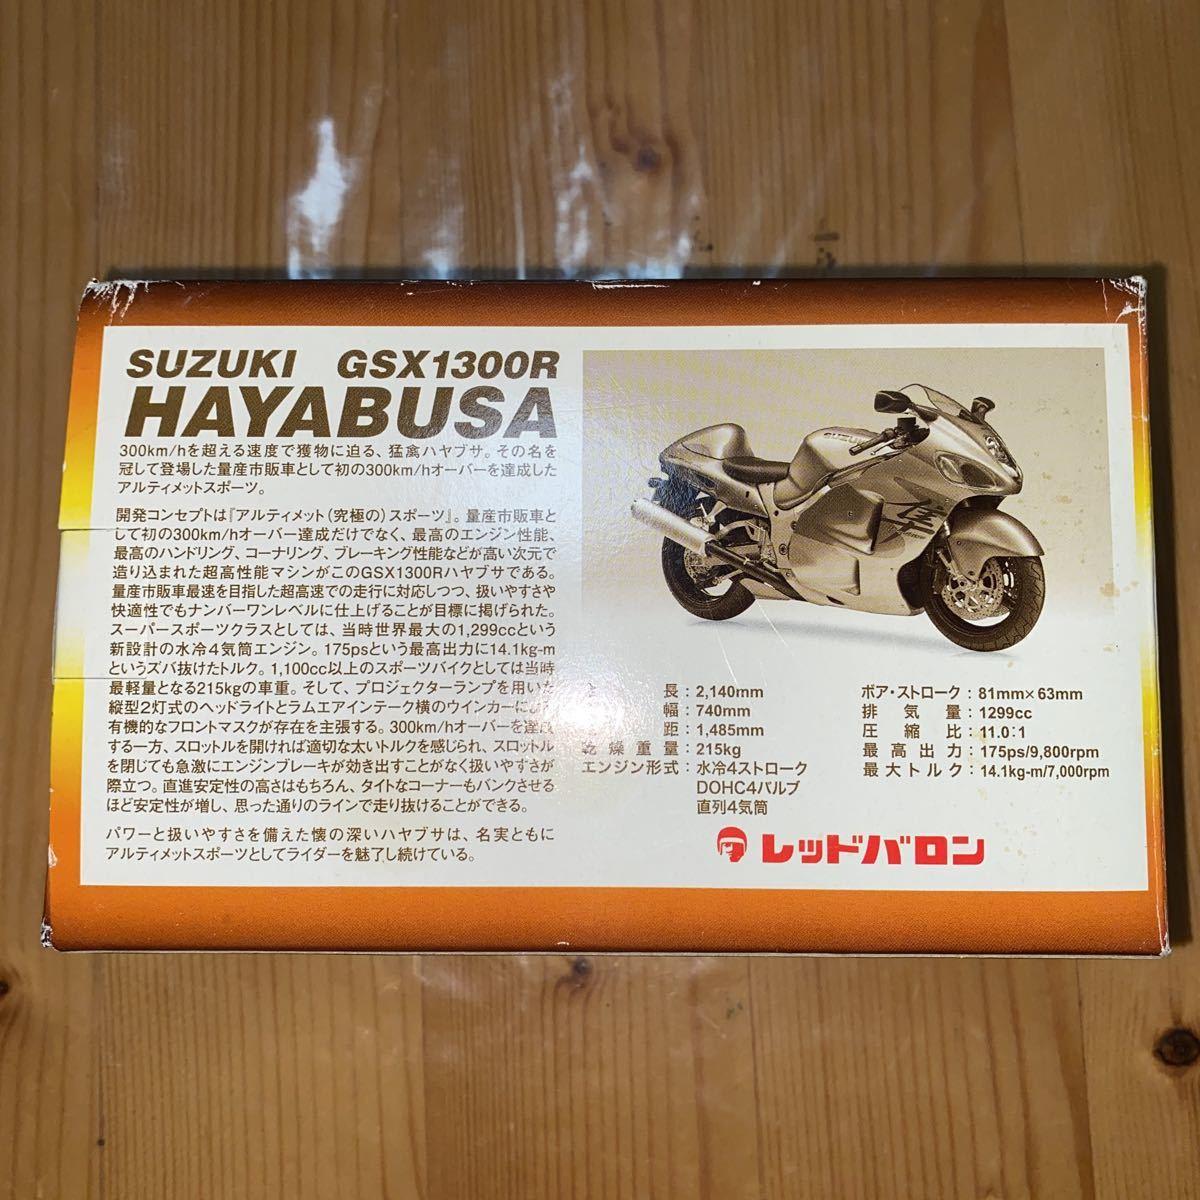 レッドバロン 世界の名車シリーズ Vol.33 SUZUKI GSX1300R HAYABUSA 隼 ハヤブサ 熊本より_画像3